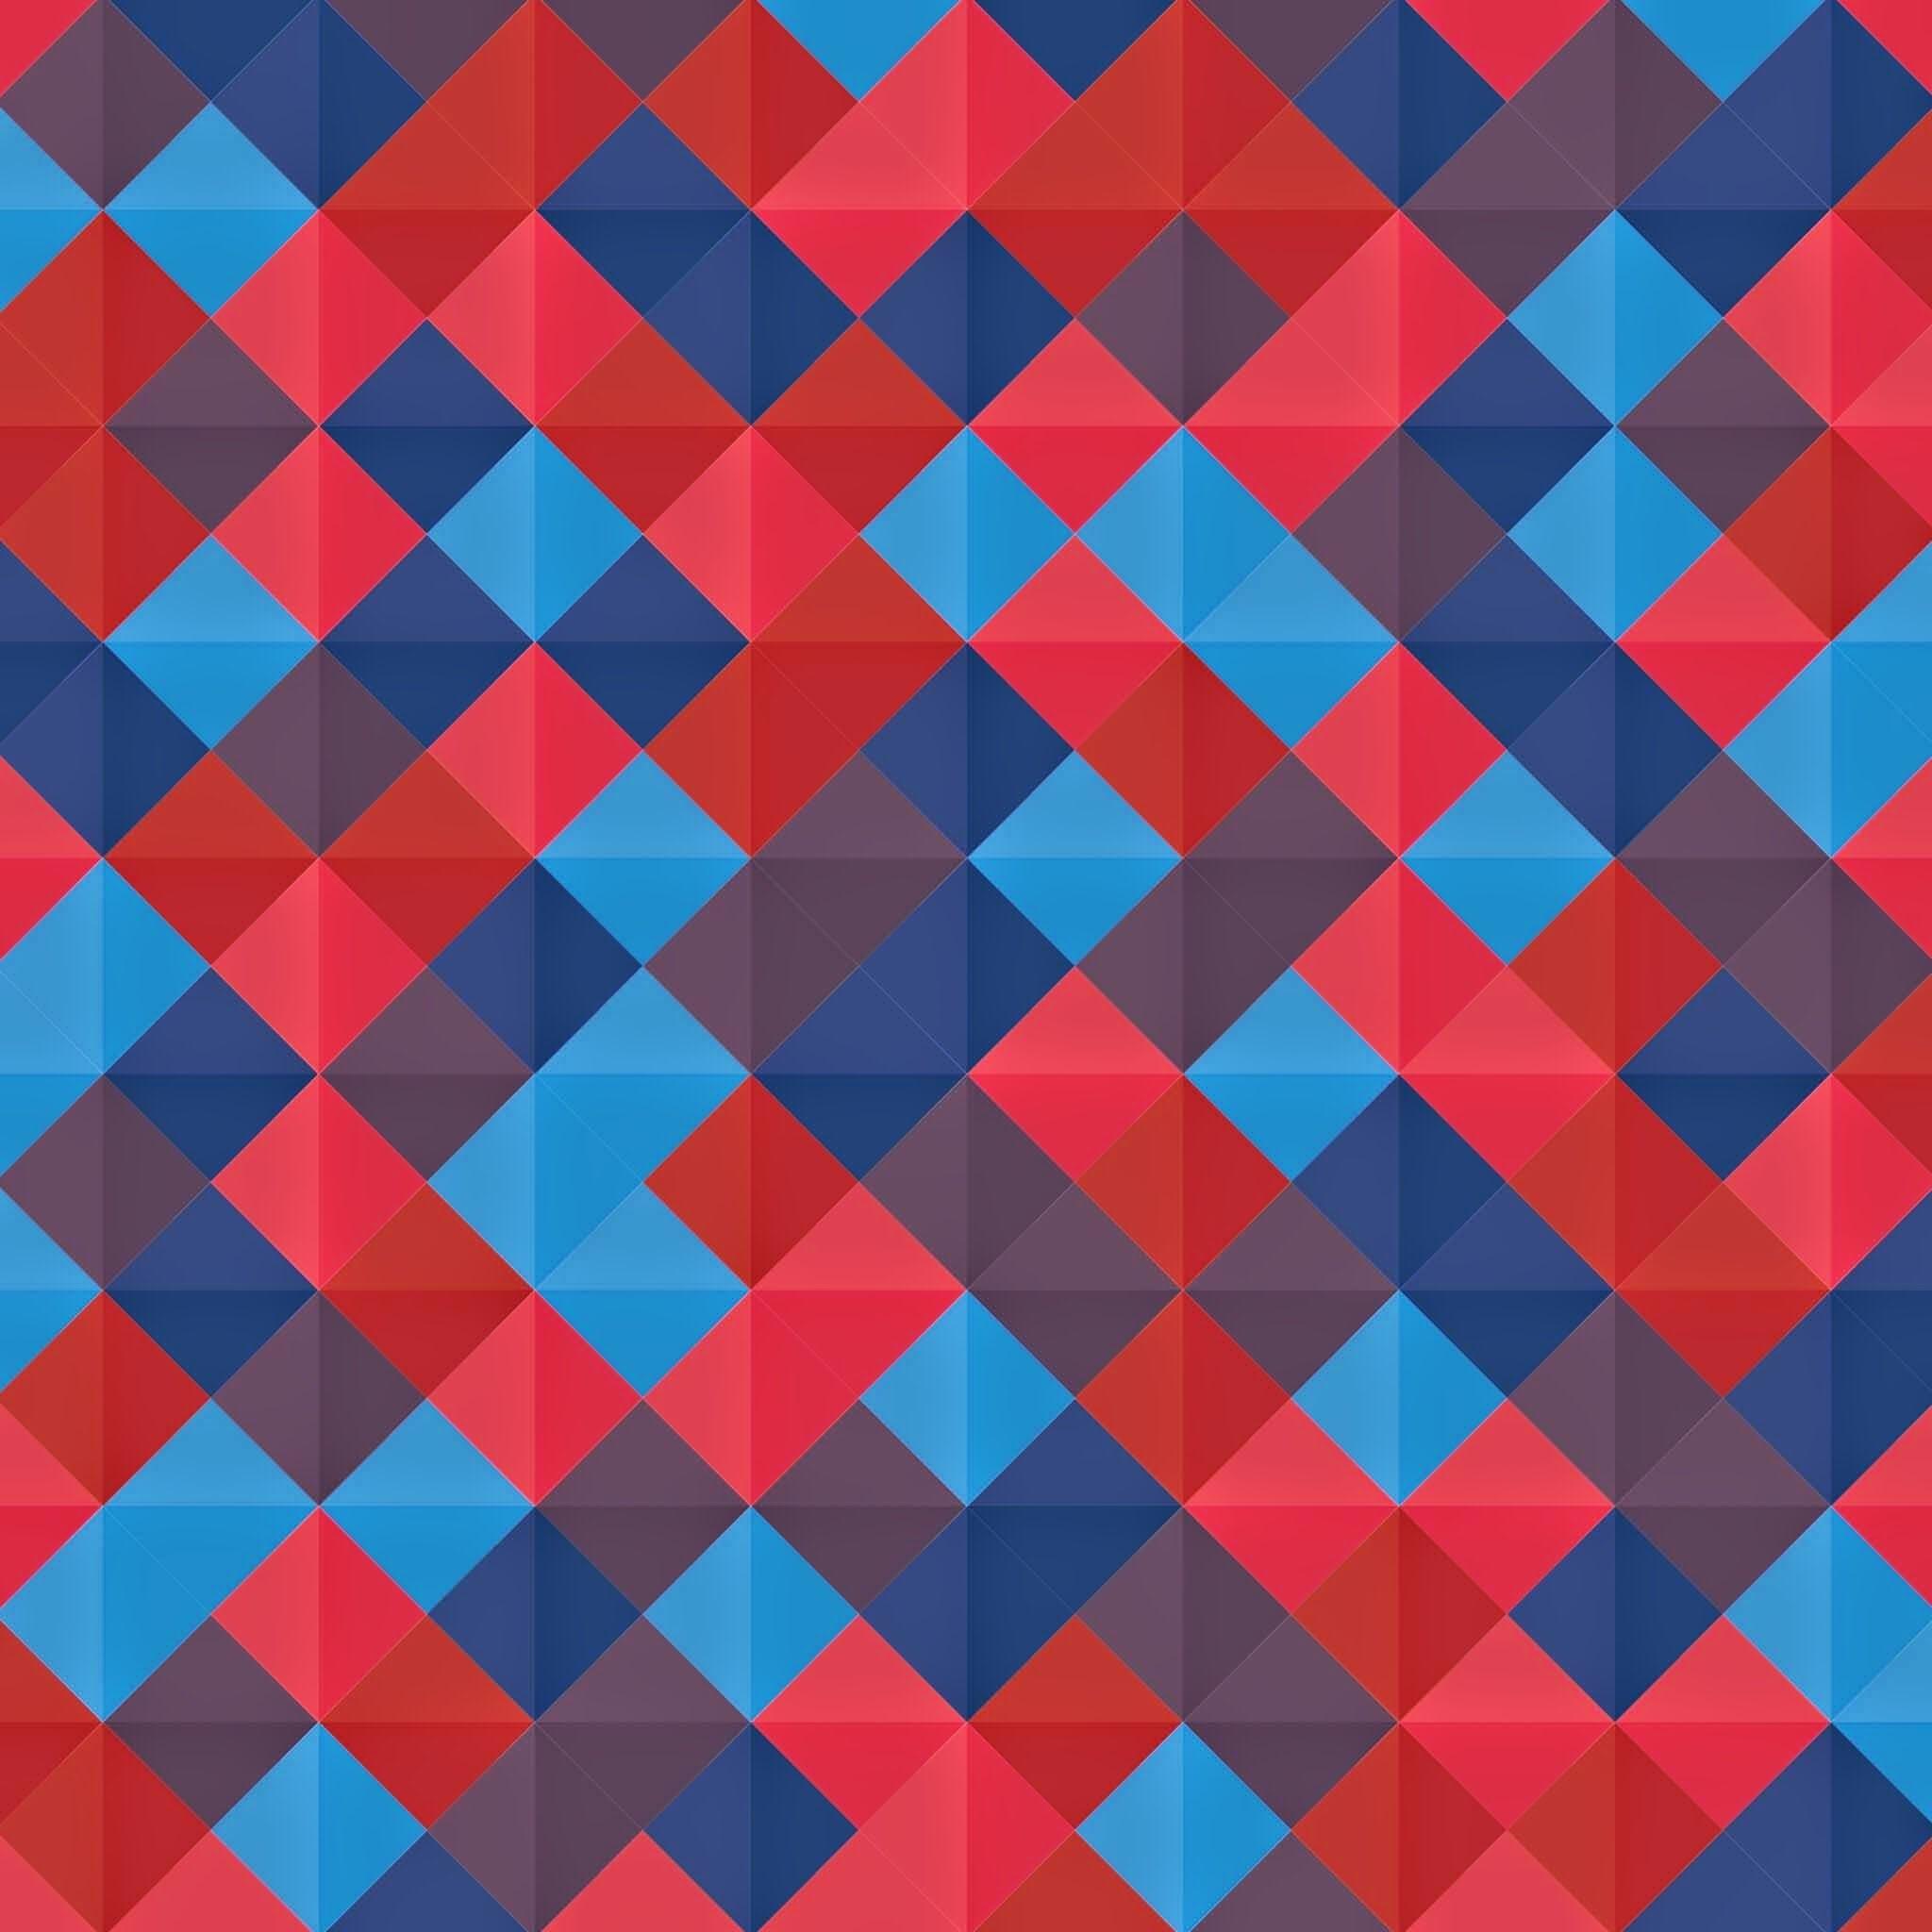 ec4dd2d50a86 Se poi avete intenzione di cambiare lo sfondo del vostro iPad ecco qui una  selezione di 6 sfondi composti da quadretti colorati.